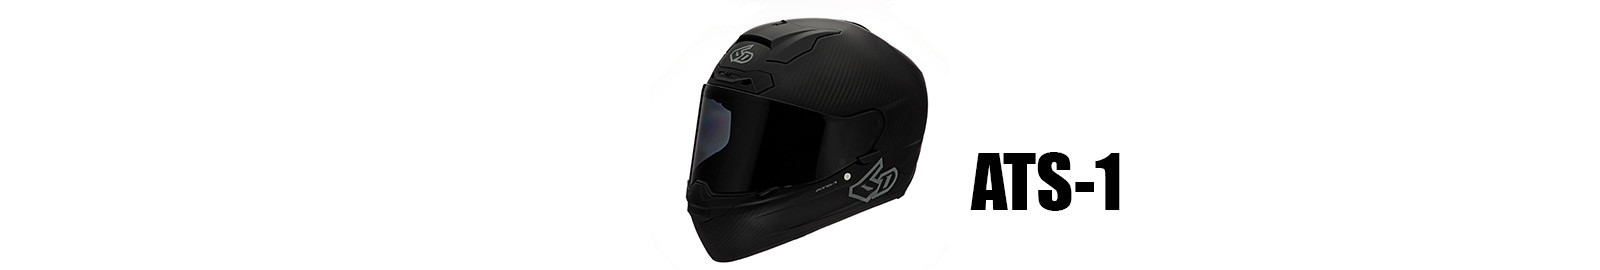 6D ATS-1 Helmets